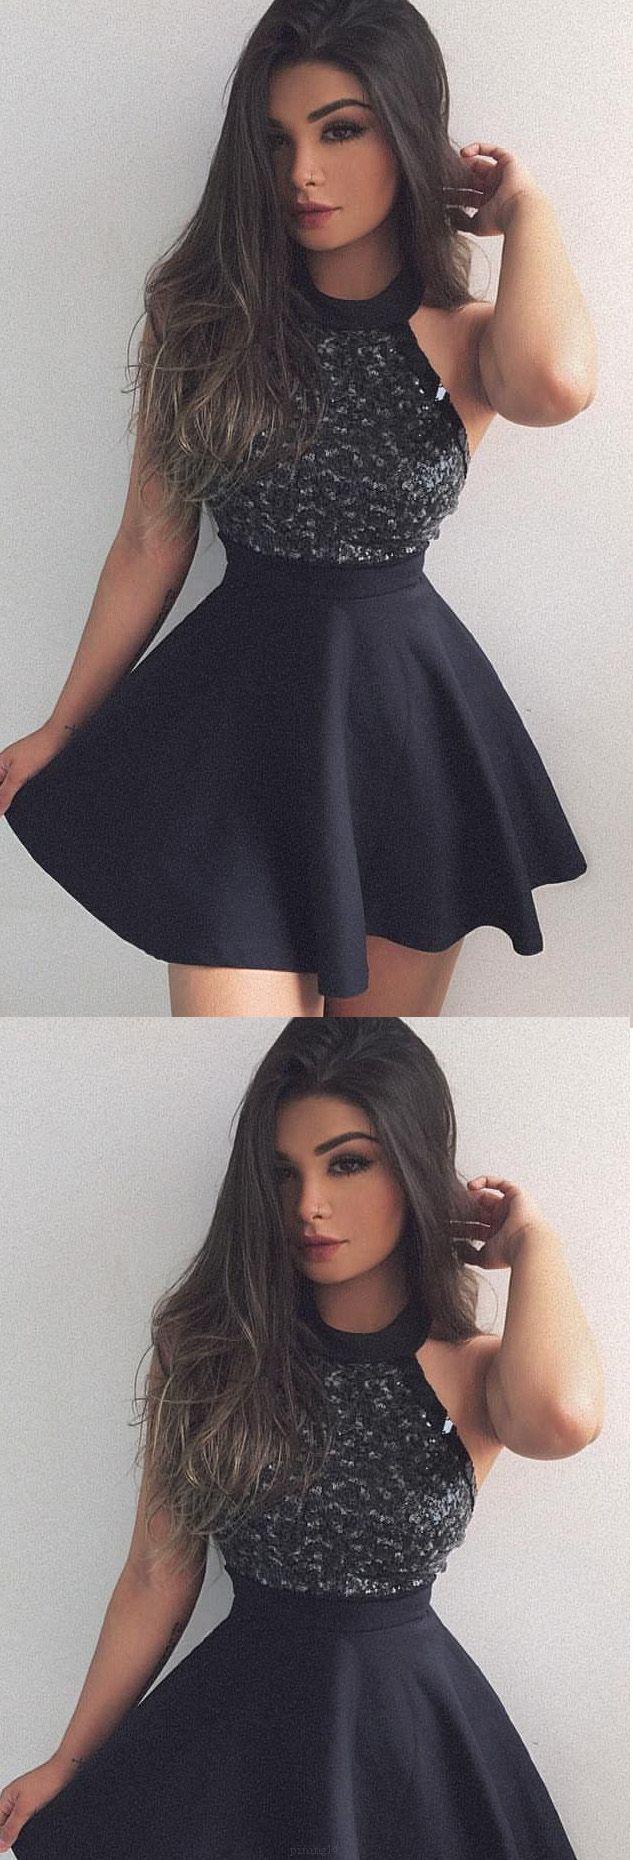 Cheap prom dresses short prom dresses prom dresses cheap black